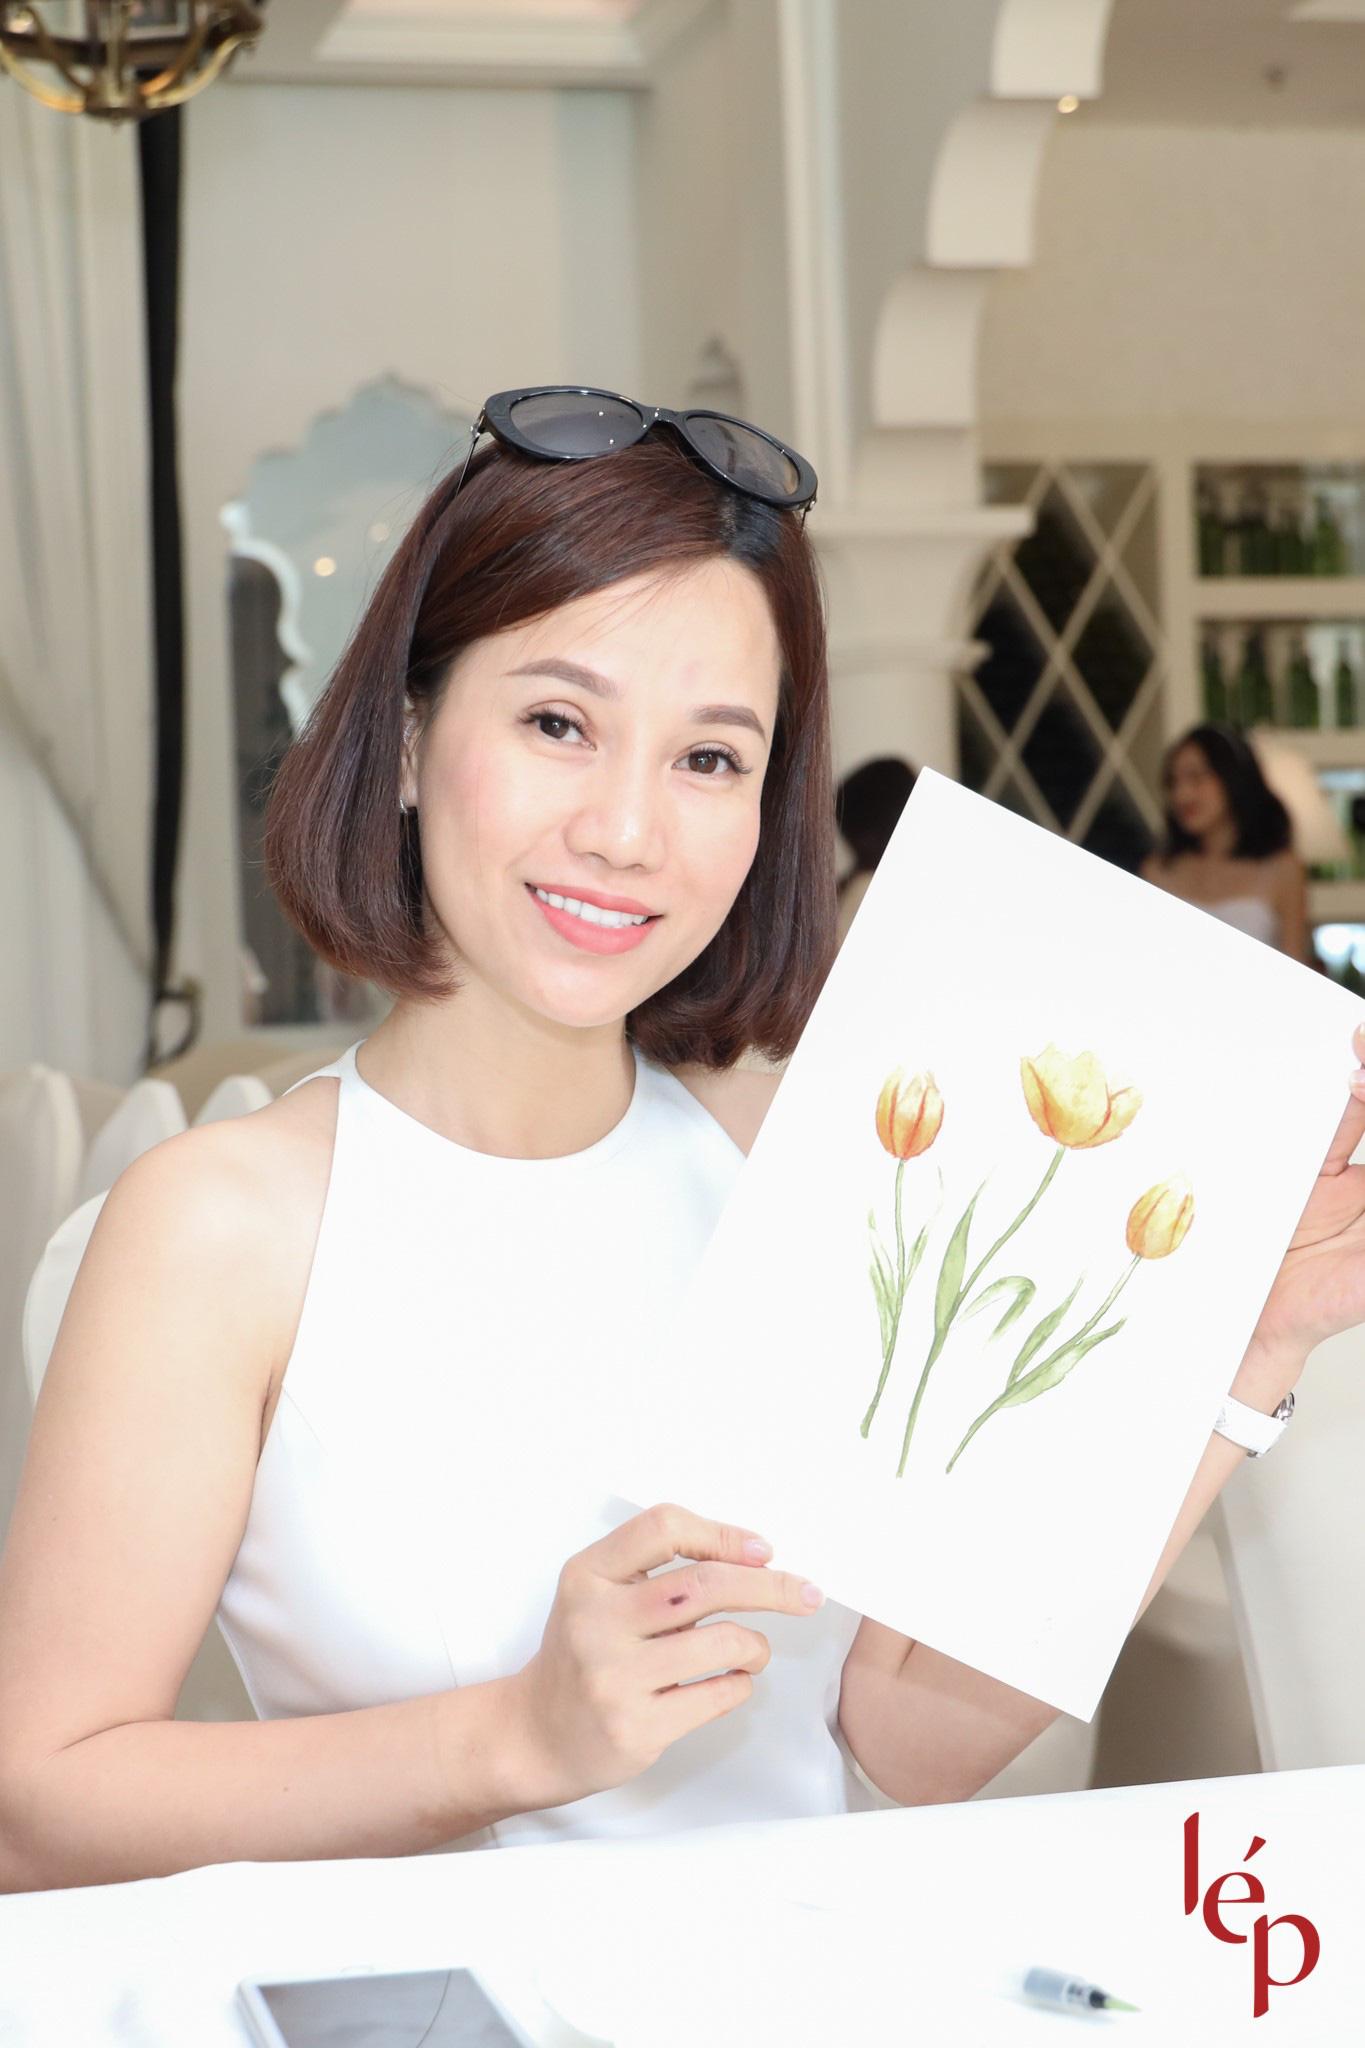 Lep' - Brand nổi tiếng với những chiếc váy hoa cùng khách hàng thiết kế họa trên lụa - Ảnh 6.